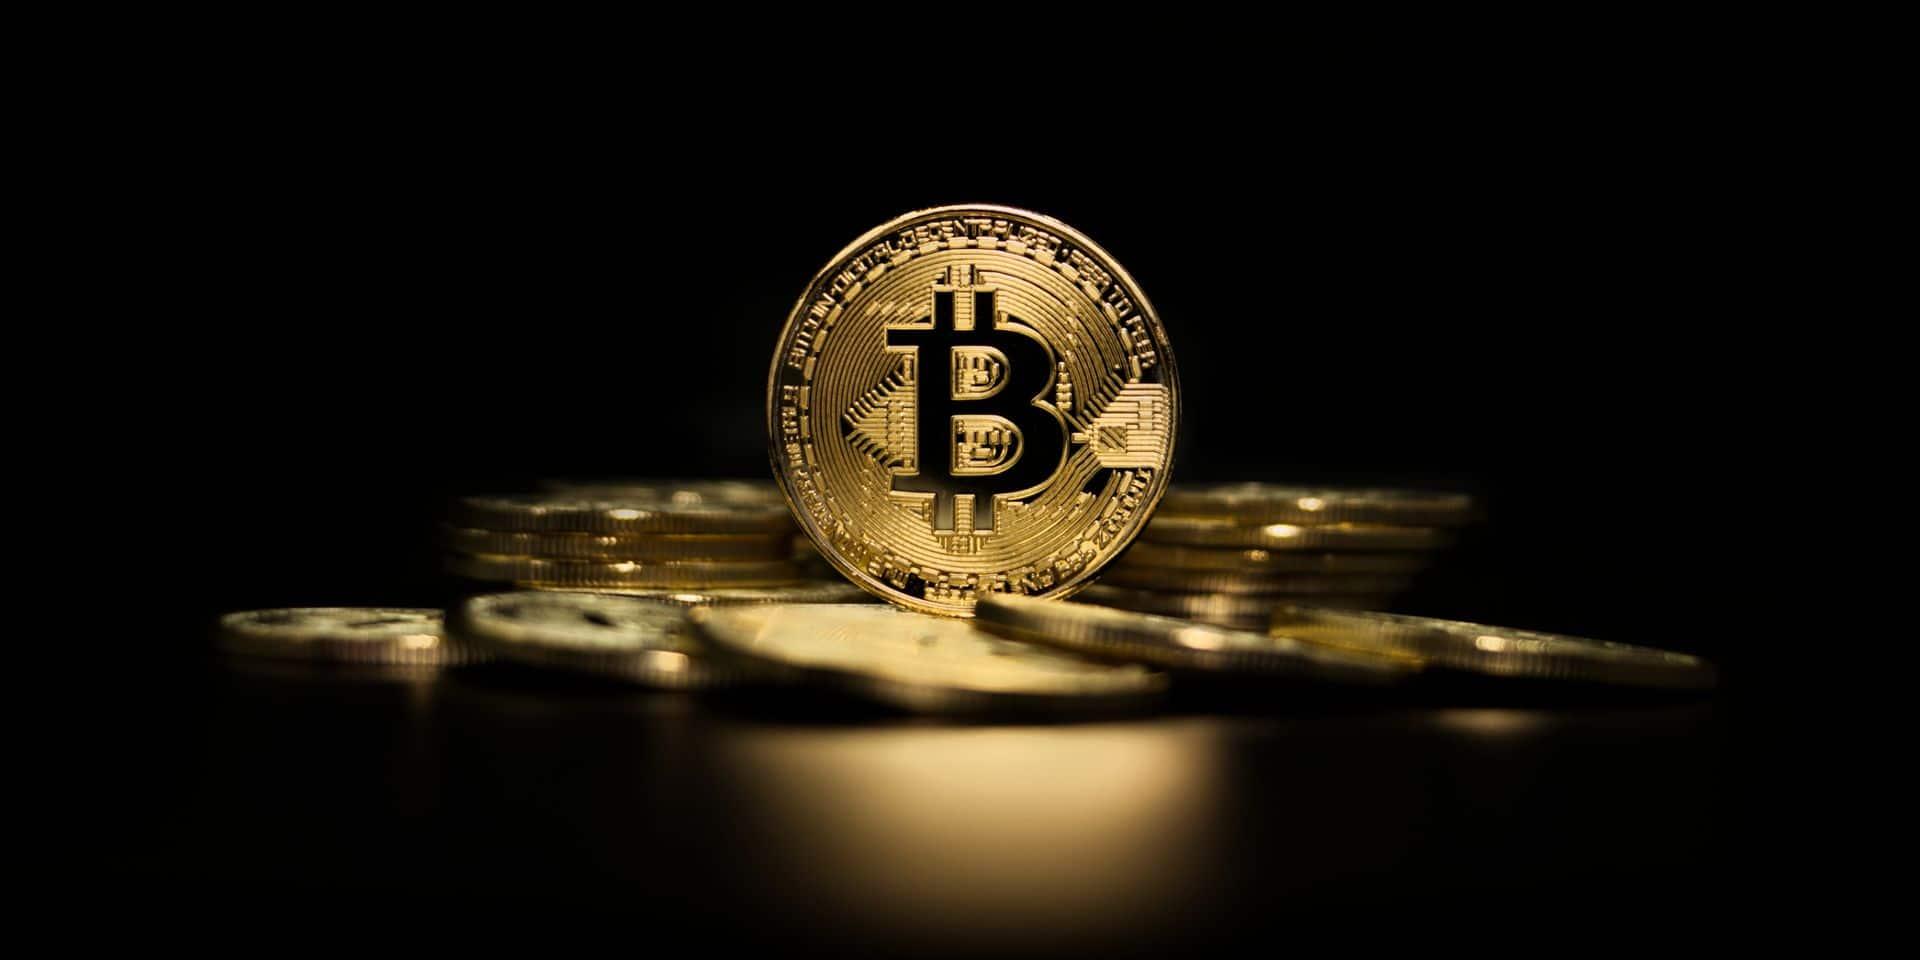 Le bitcoin explose son record en dépassant les 64 000 dollars